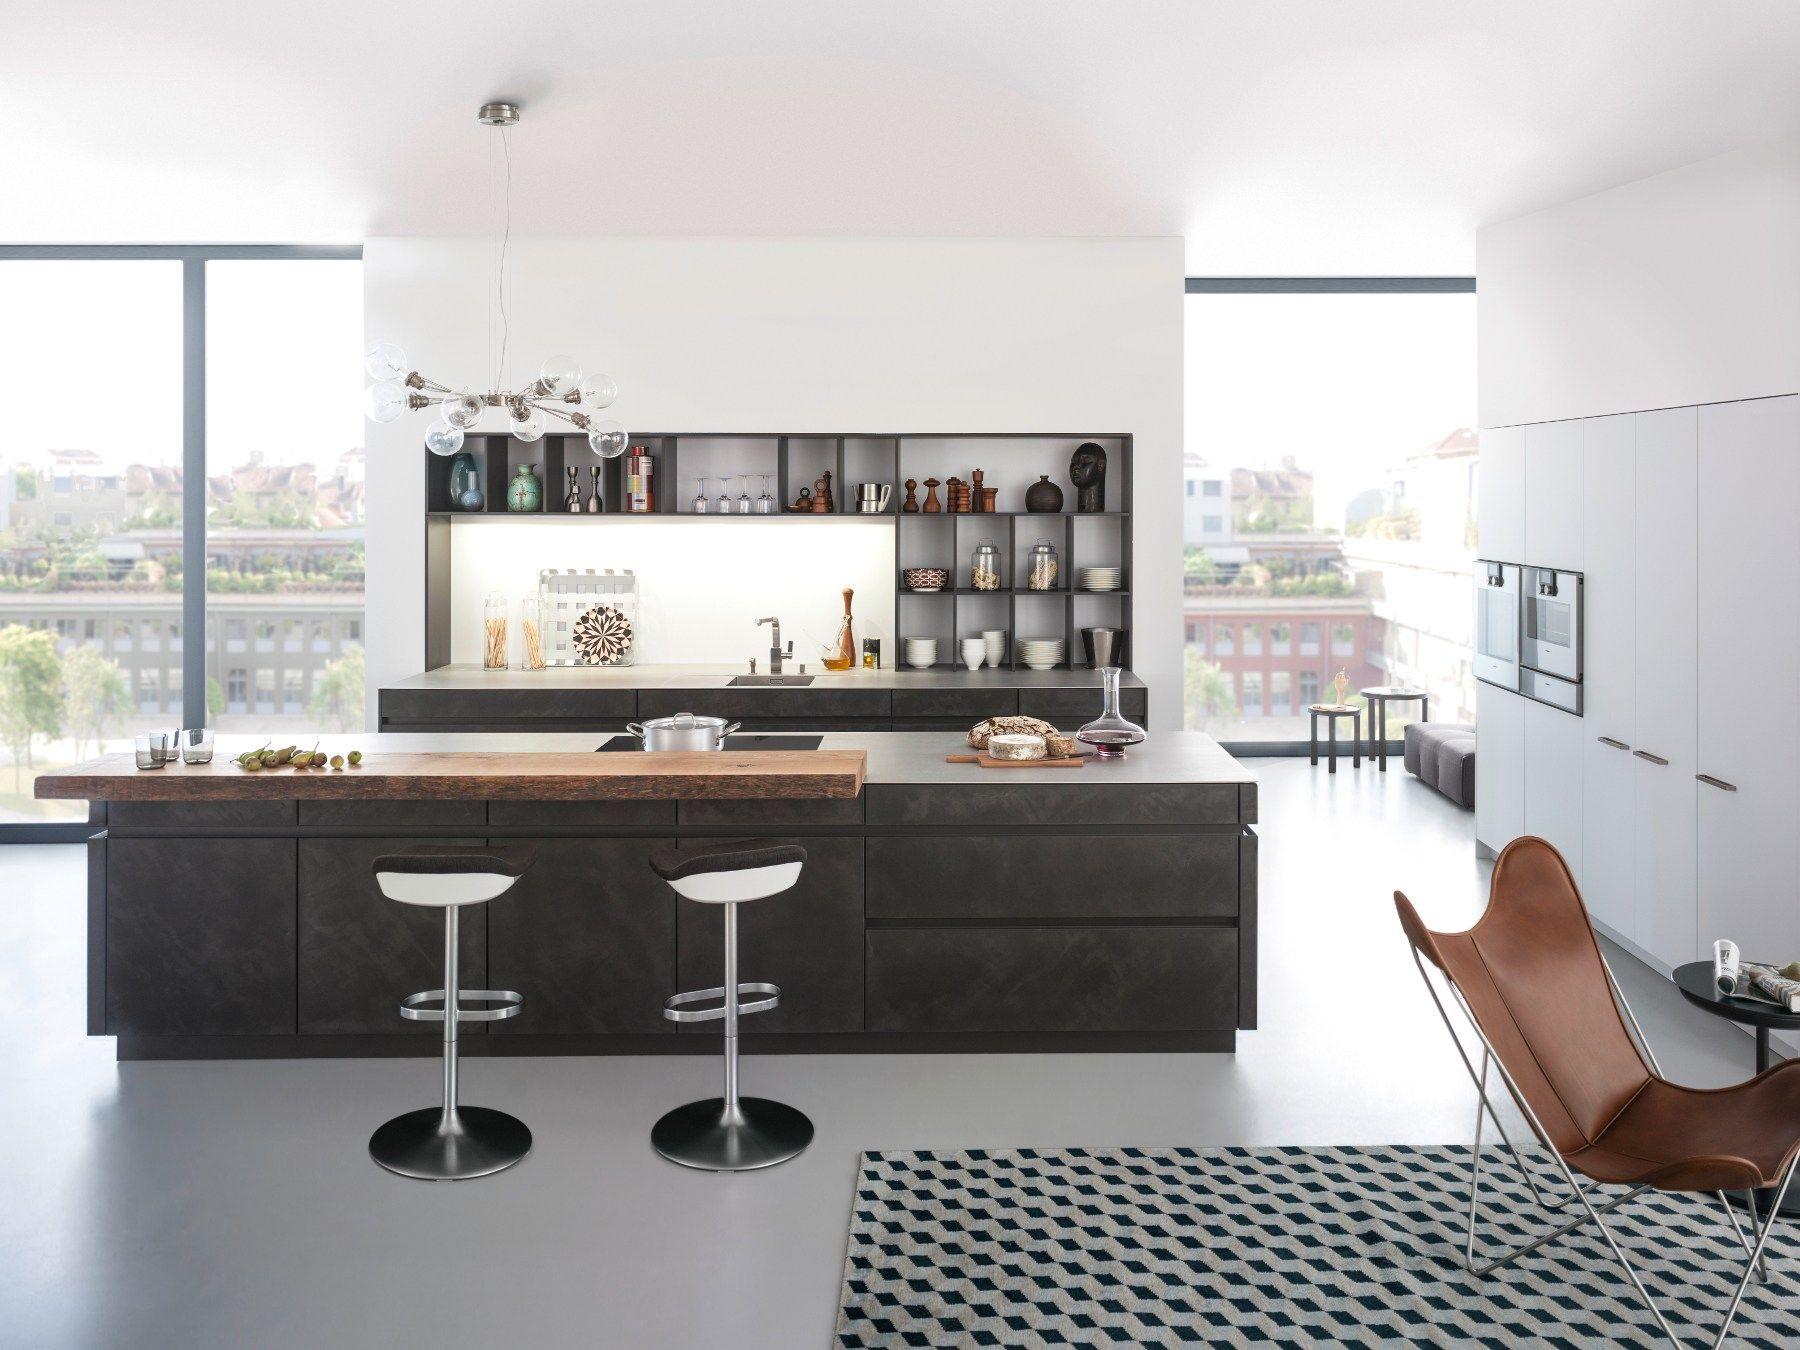 LEICHT Küchen | Modern kitchen design for contemporary living ... | {Leicht küchen logo 30}